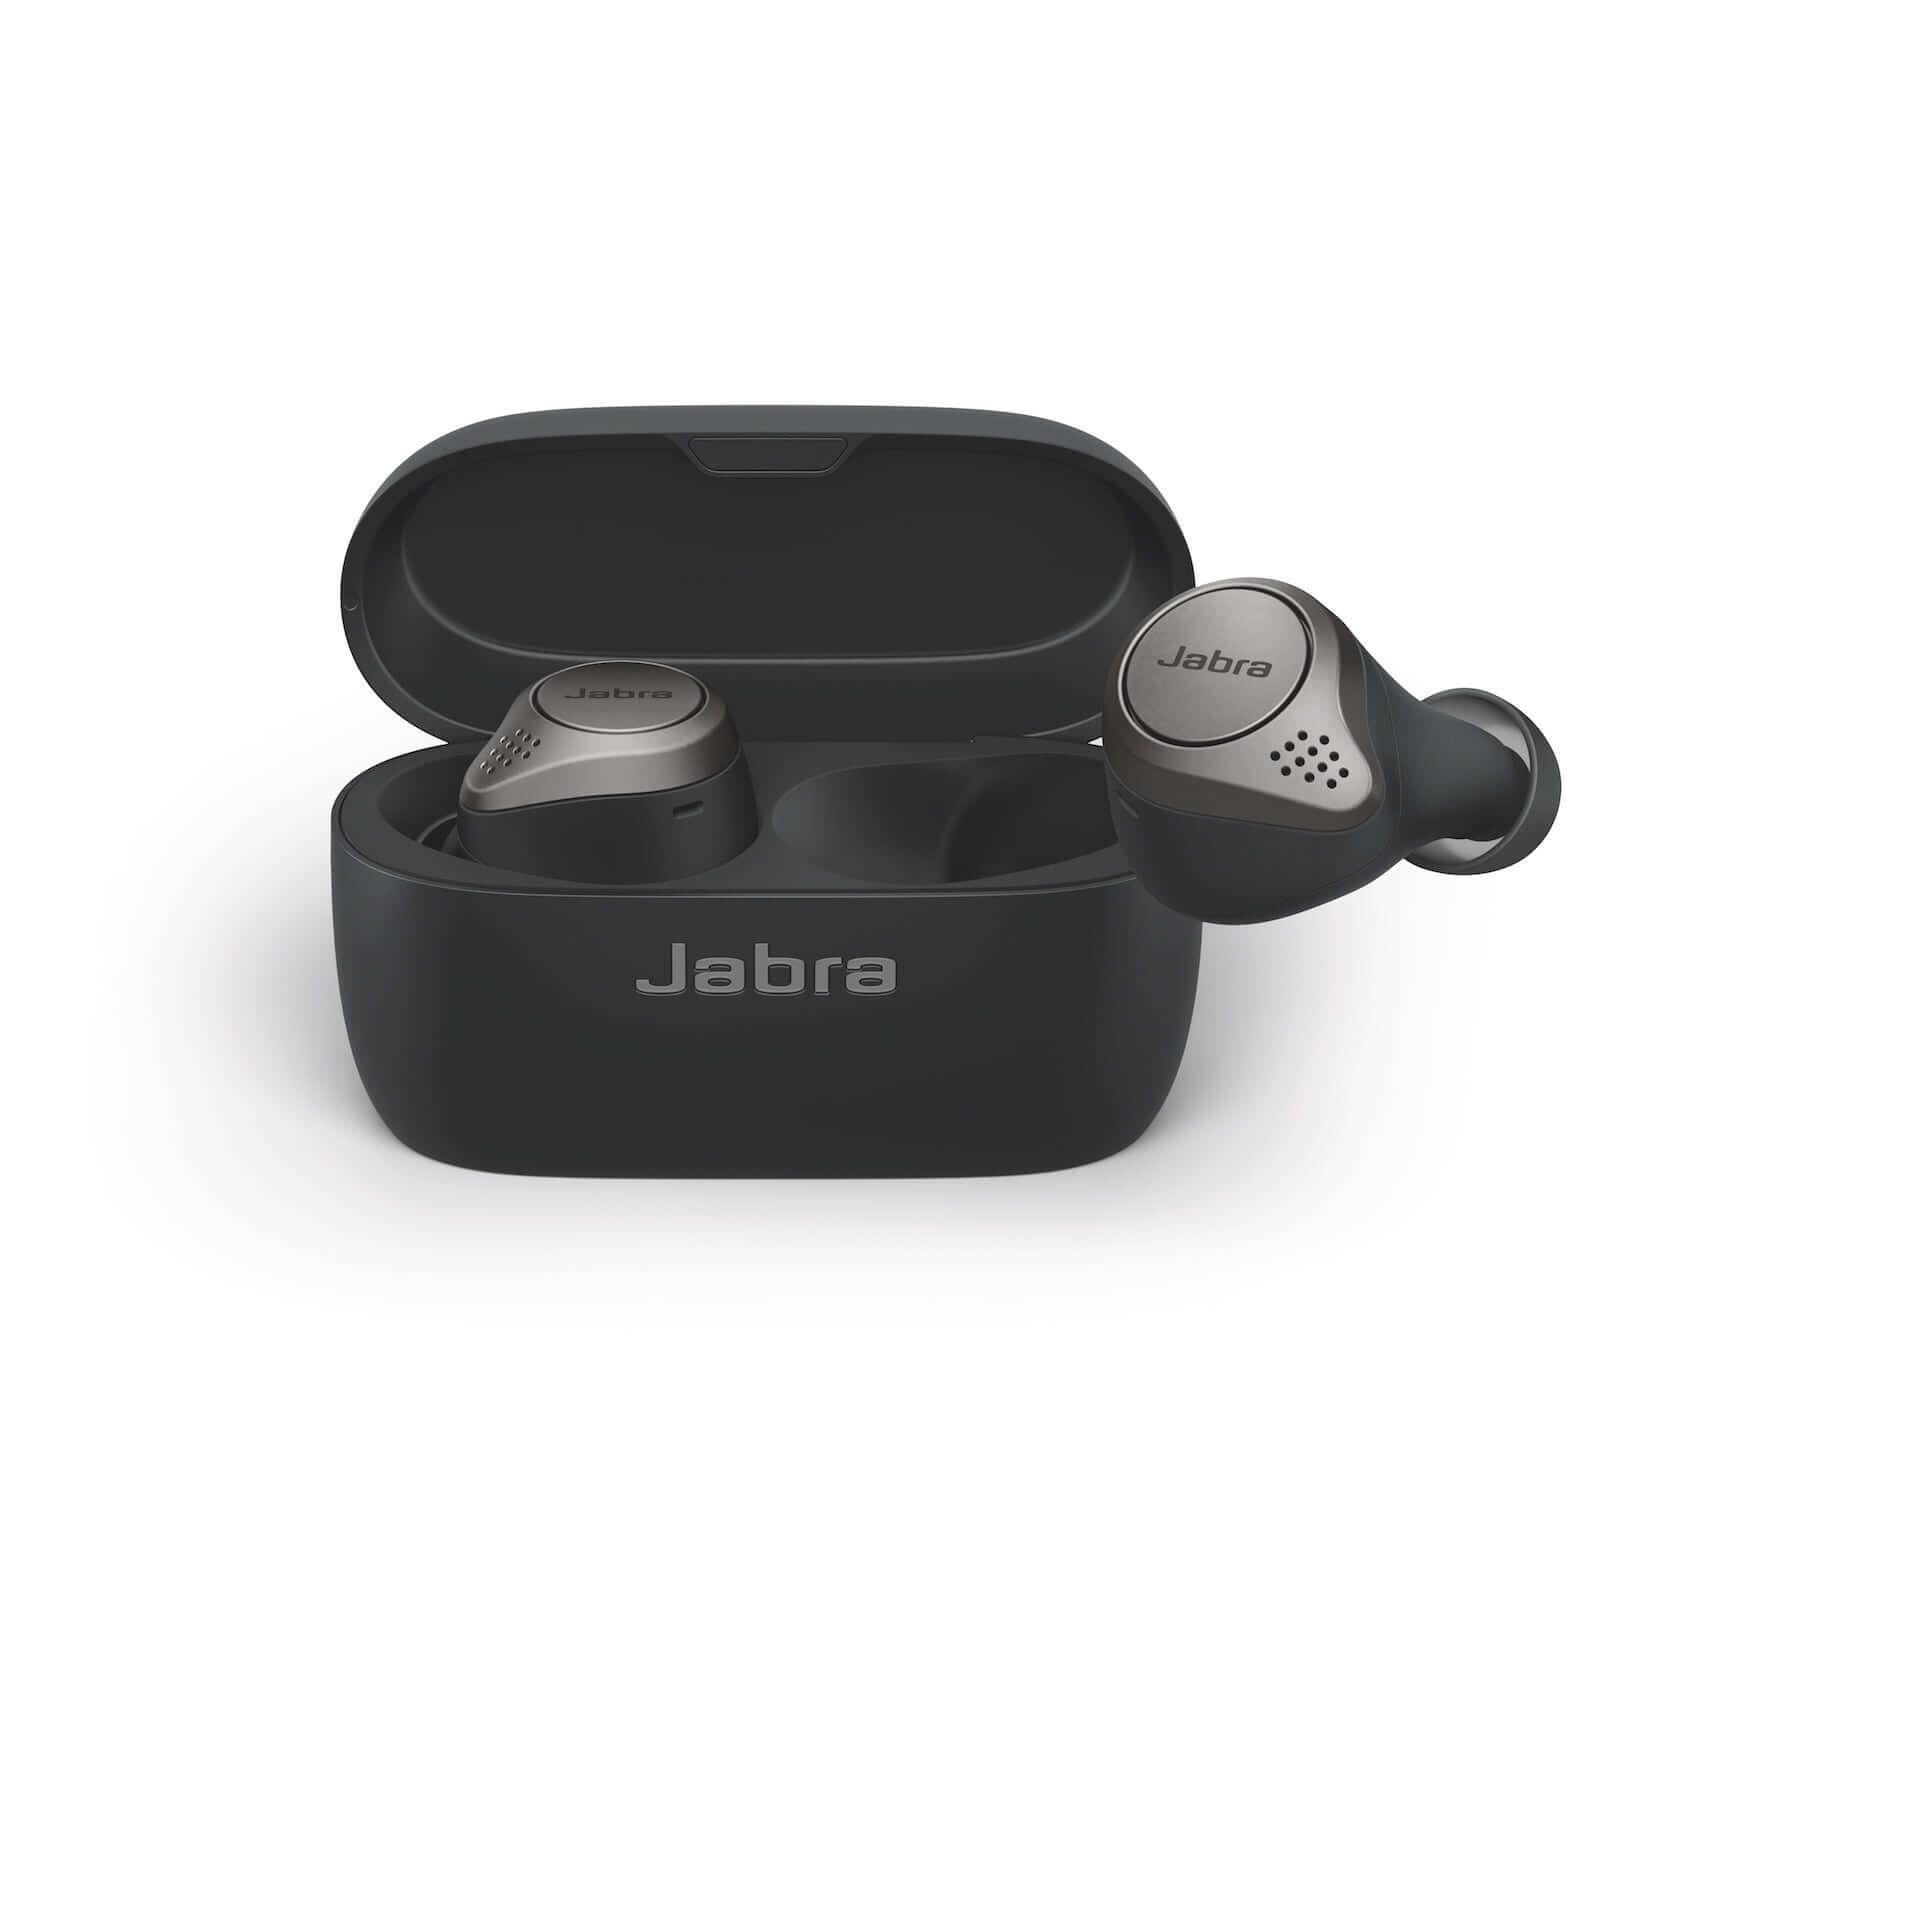 バッテリー持続時間が驚異の7.5時間!第4世代の完全ワイヤレスイヤホン「Elite 75t」が登場 tech190906_jabra_earphone_2-1920x1920